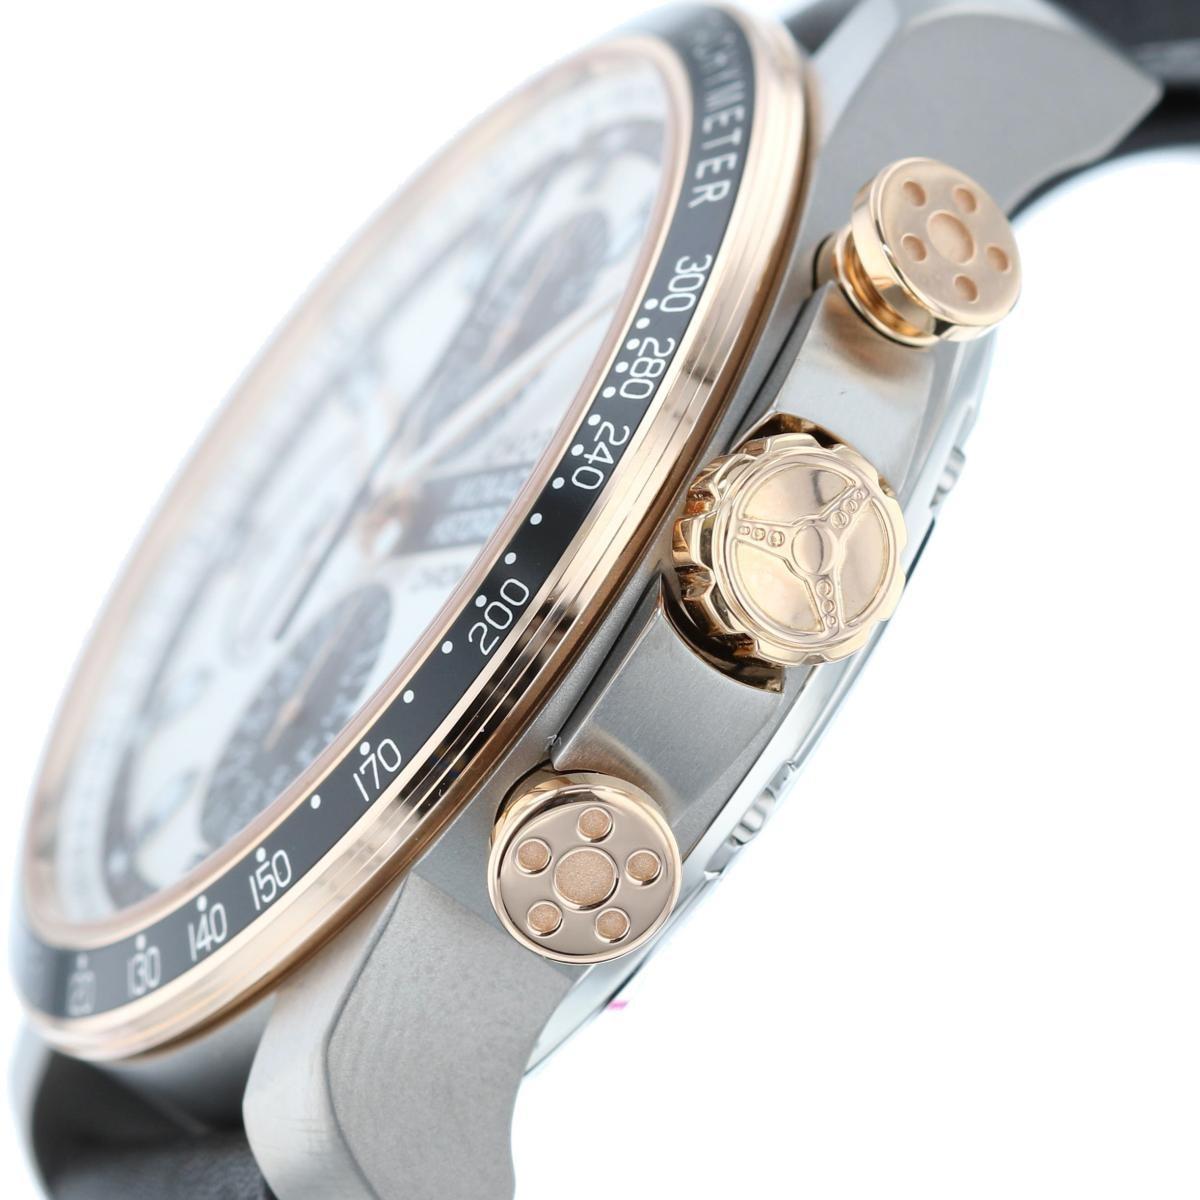 【中古】Chopard (ショパール) モナコグランプリ ヒストリック クロノグラフ 時計 自動巻き/メンズ Monaco Grand White/ホワイト 168570 used:A